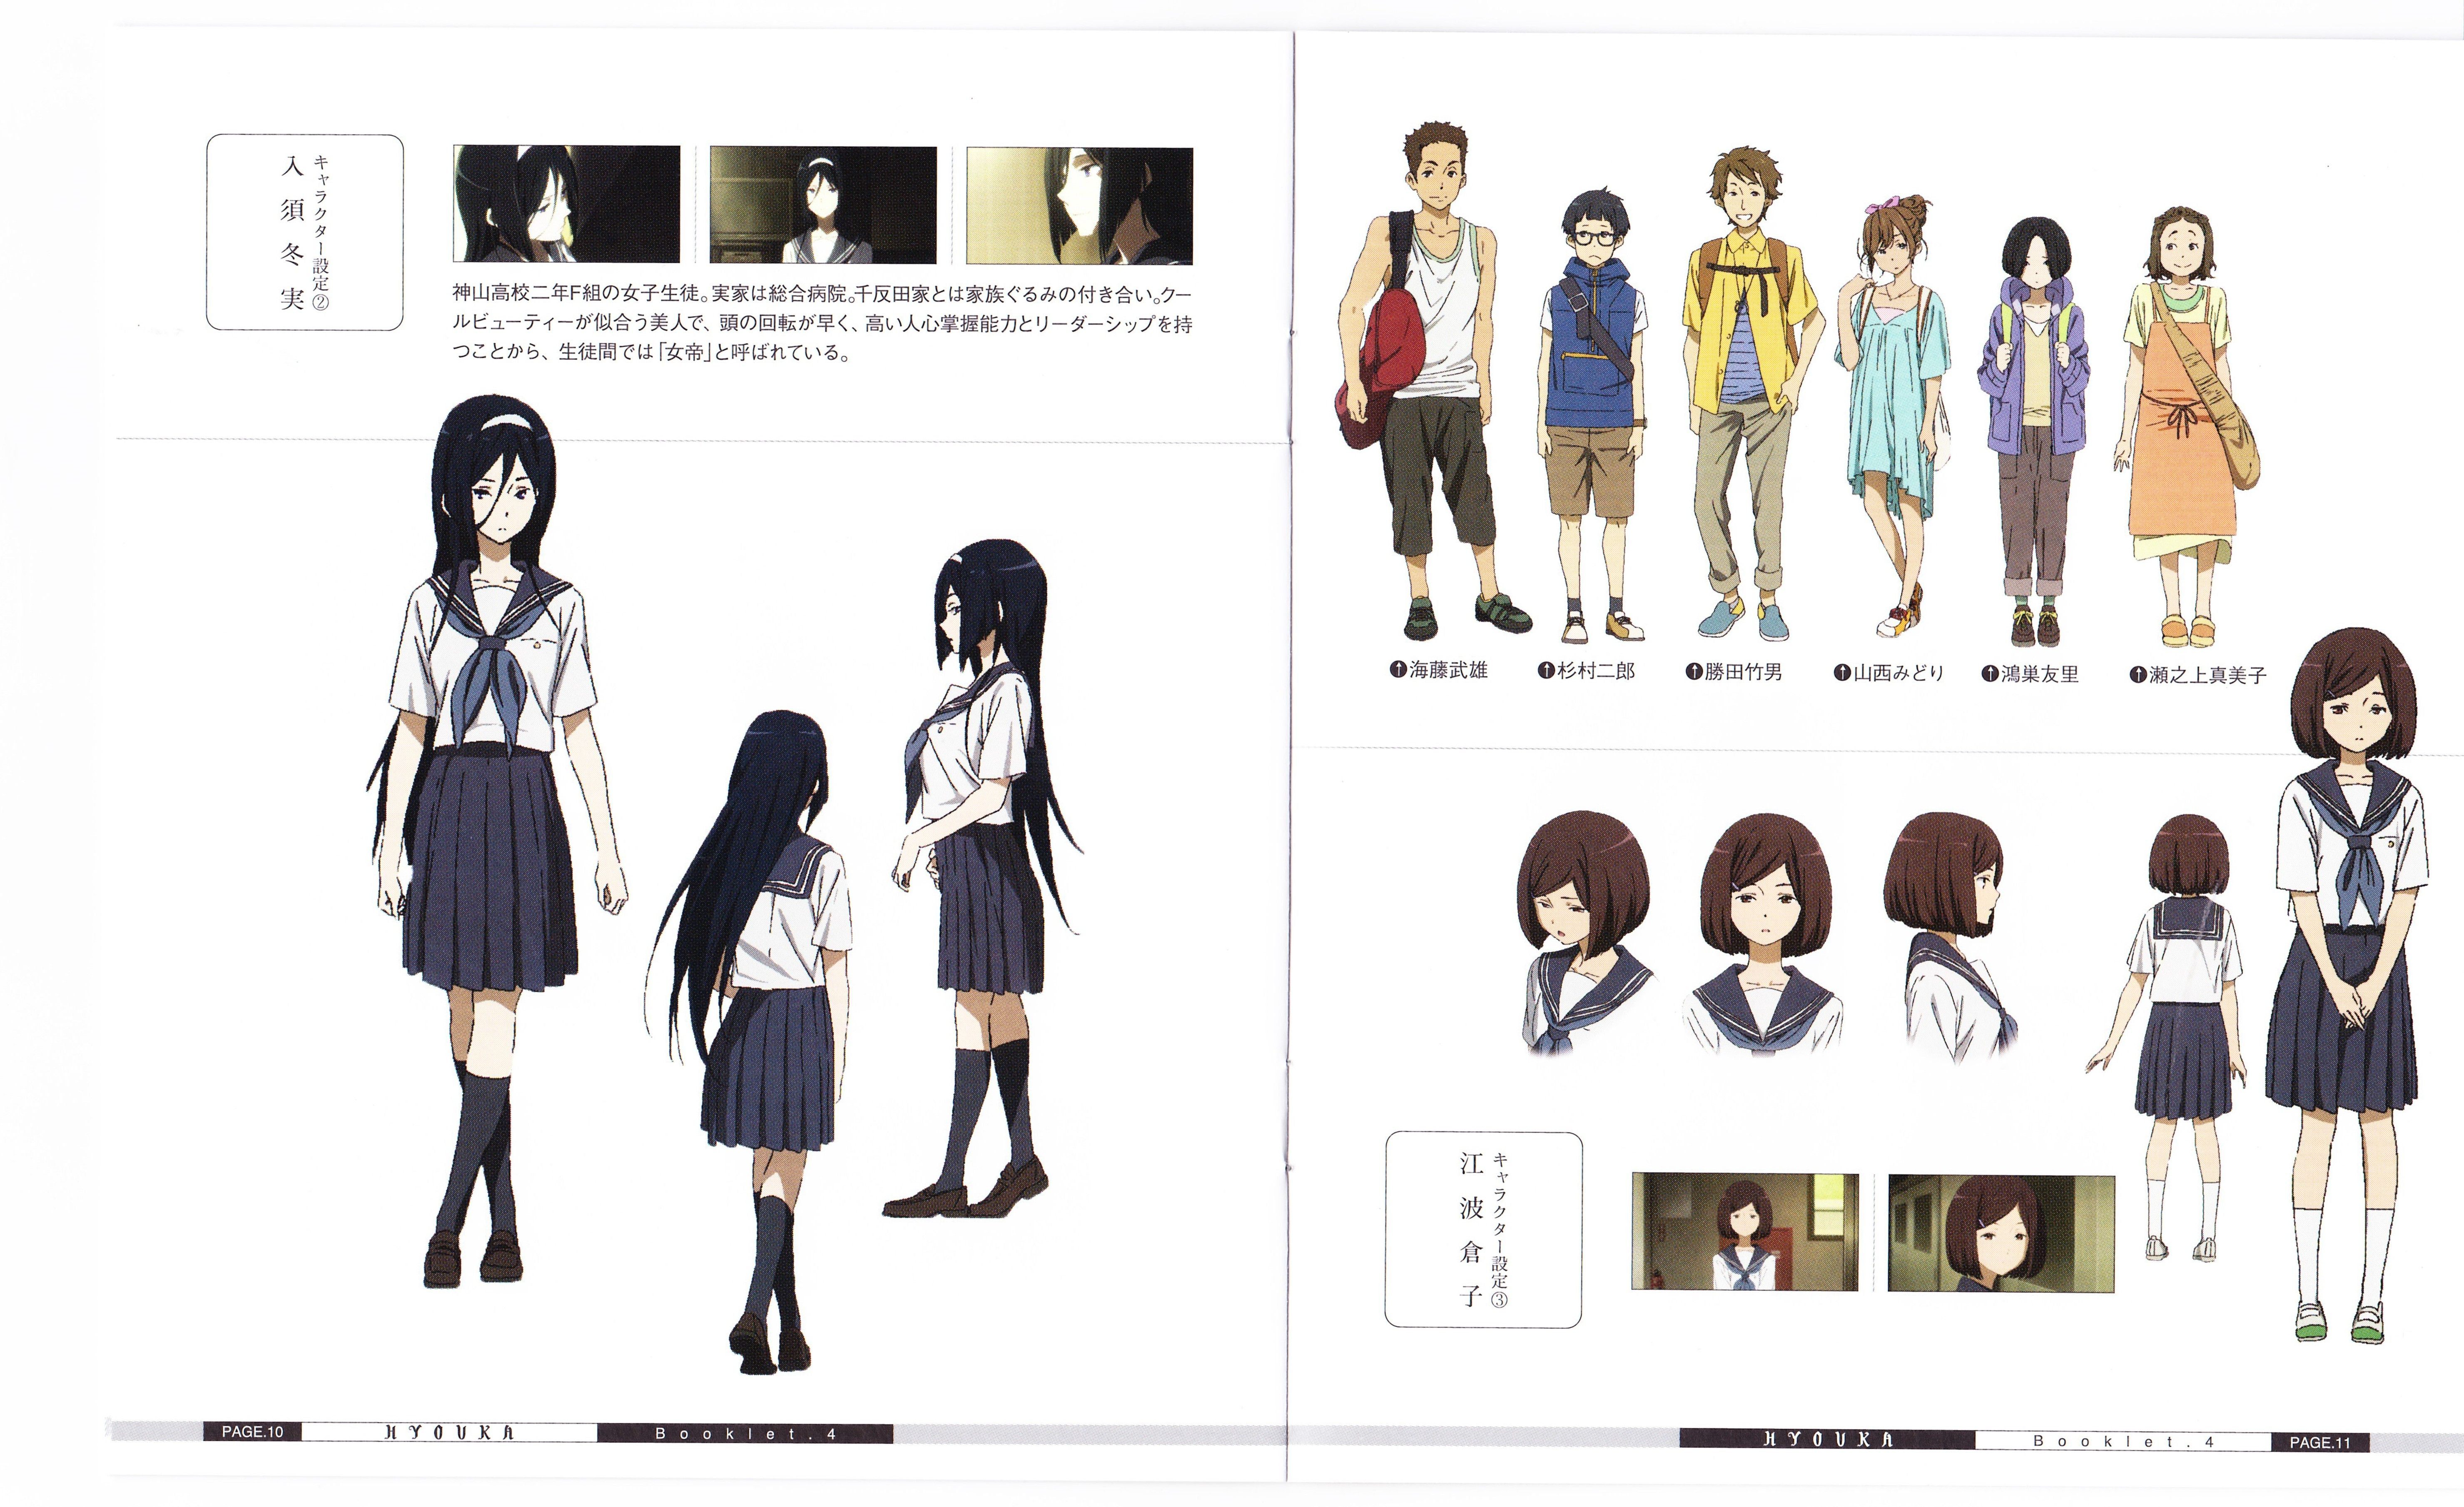 Hyouka Kyoto Animation Minitokyo